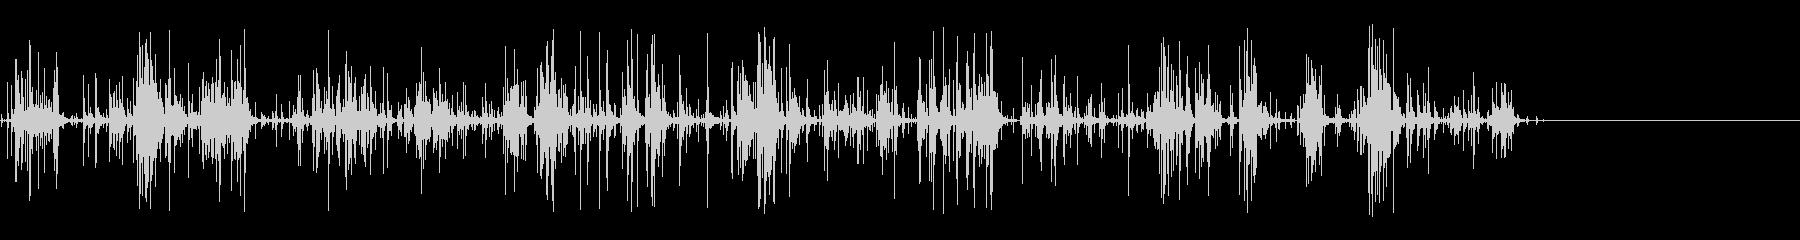 [生音]ビー玉をカチャカチャする02の未再生の波形